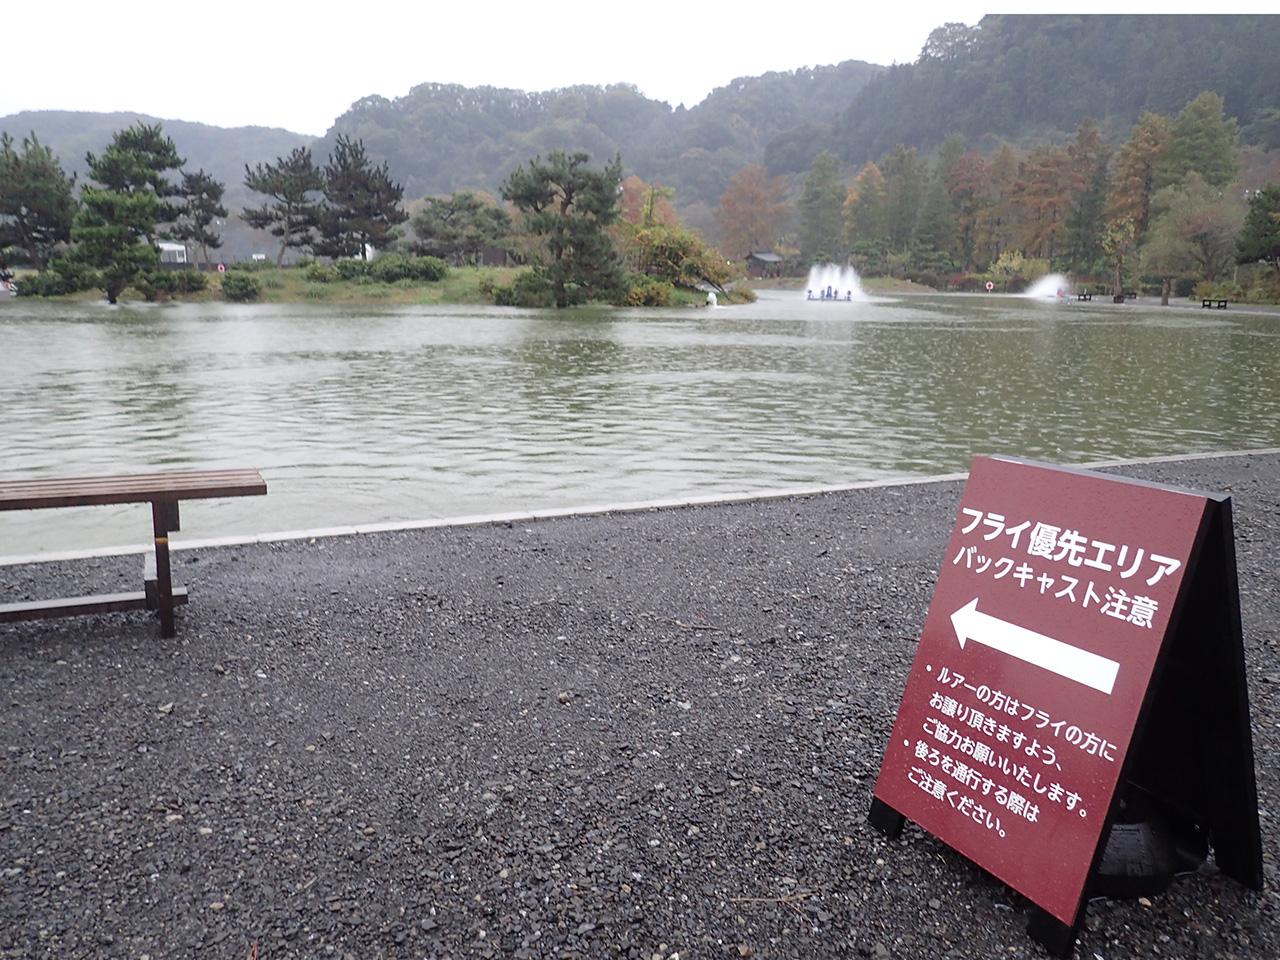 FISH UP 秋川湖 フライ優先